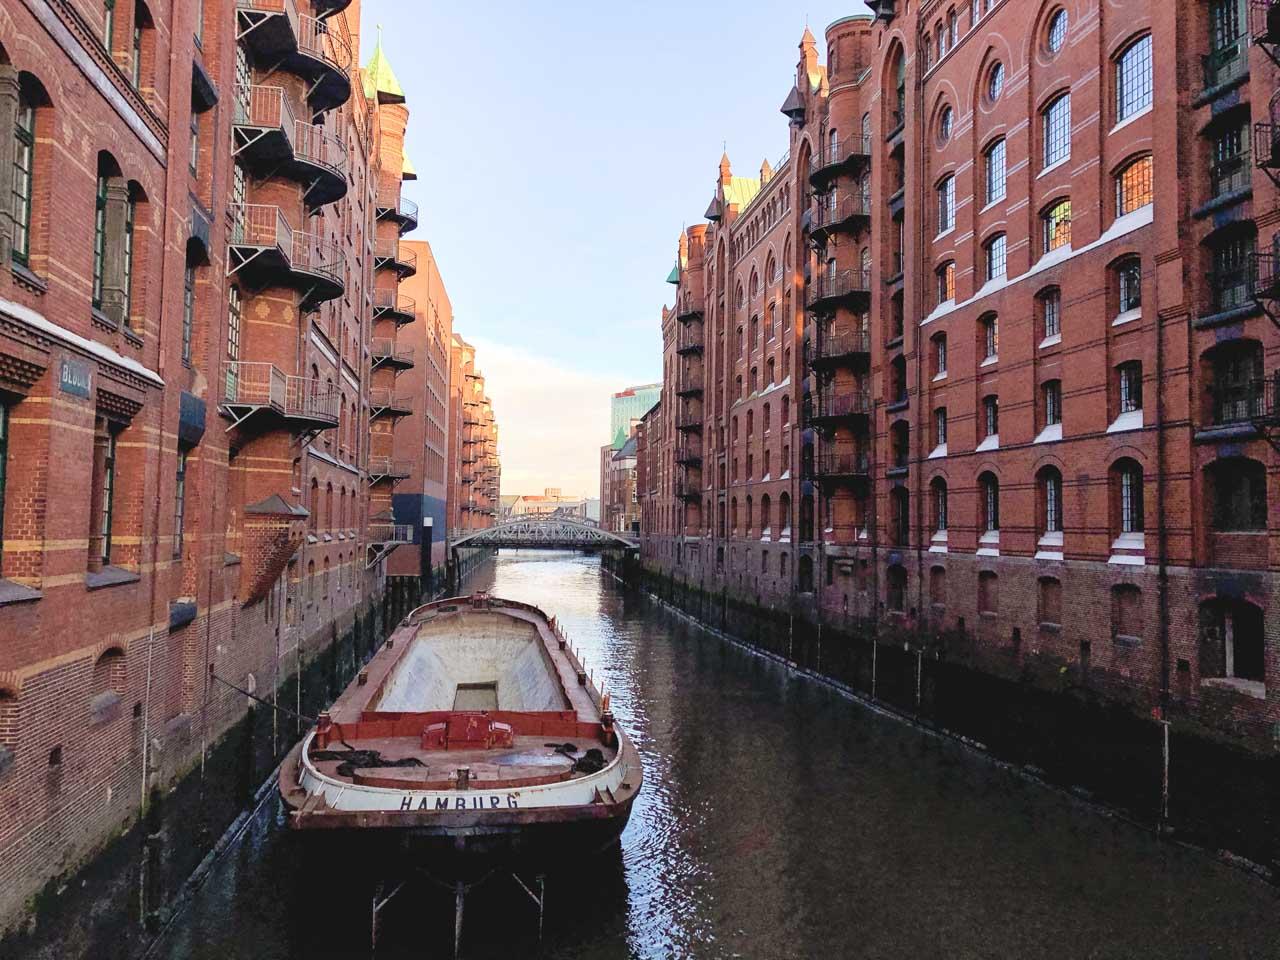 Hamburg's warehouse district of Speicherstadt